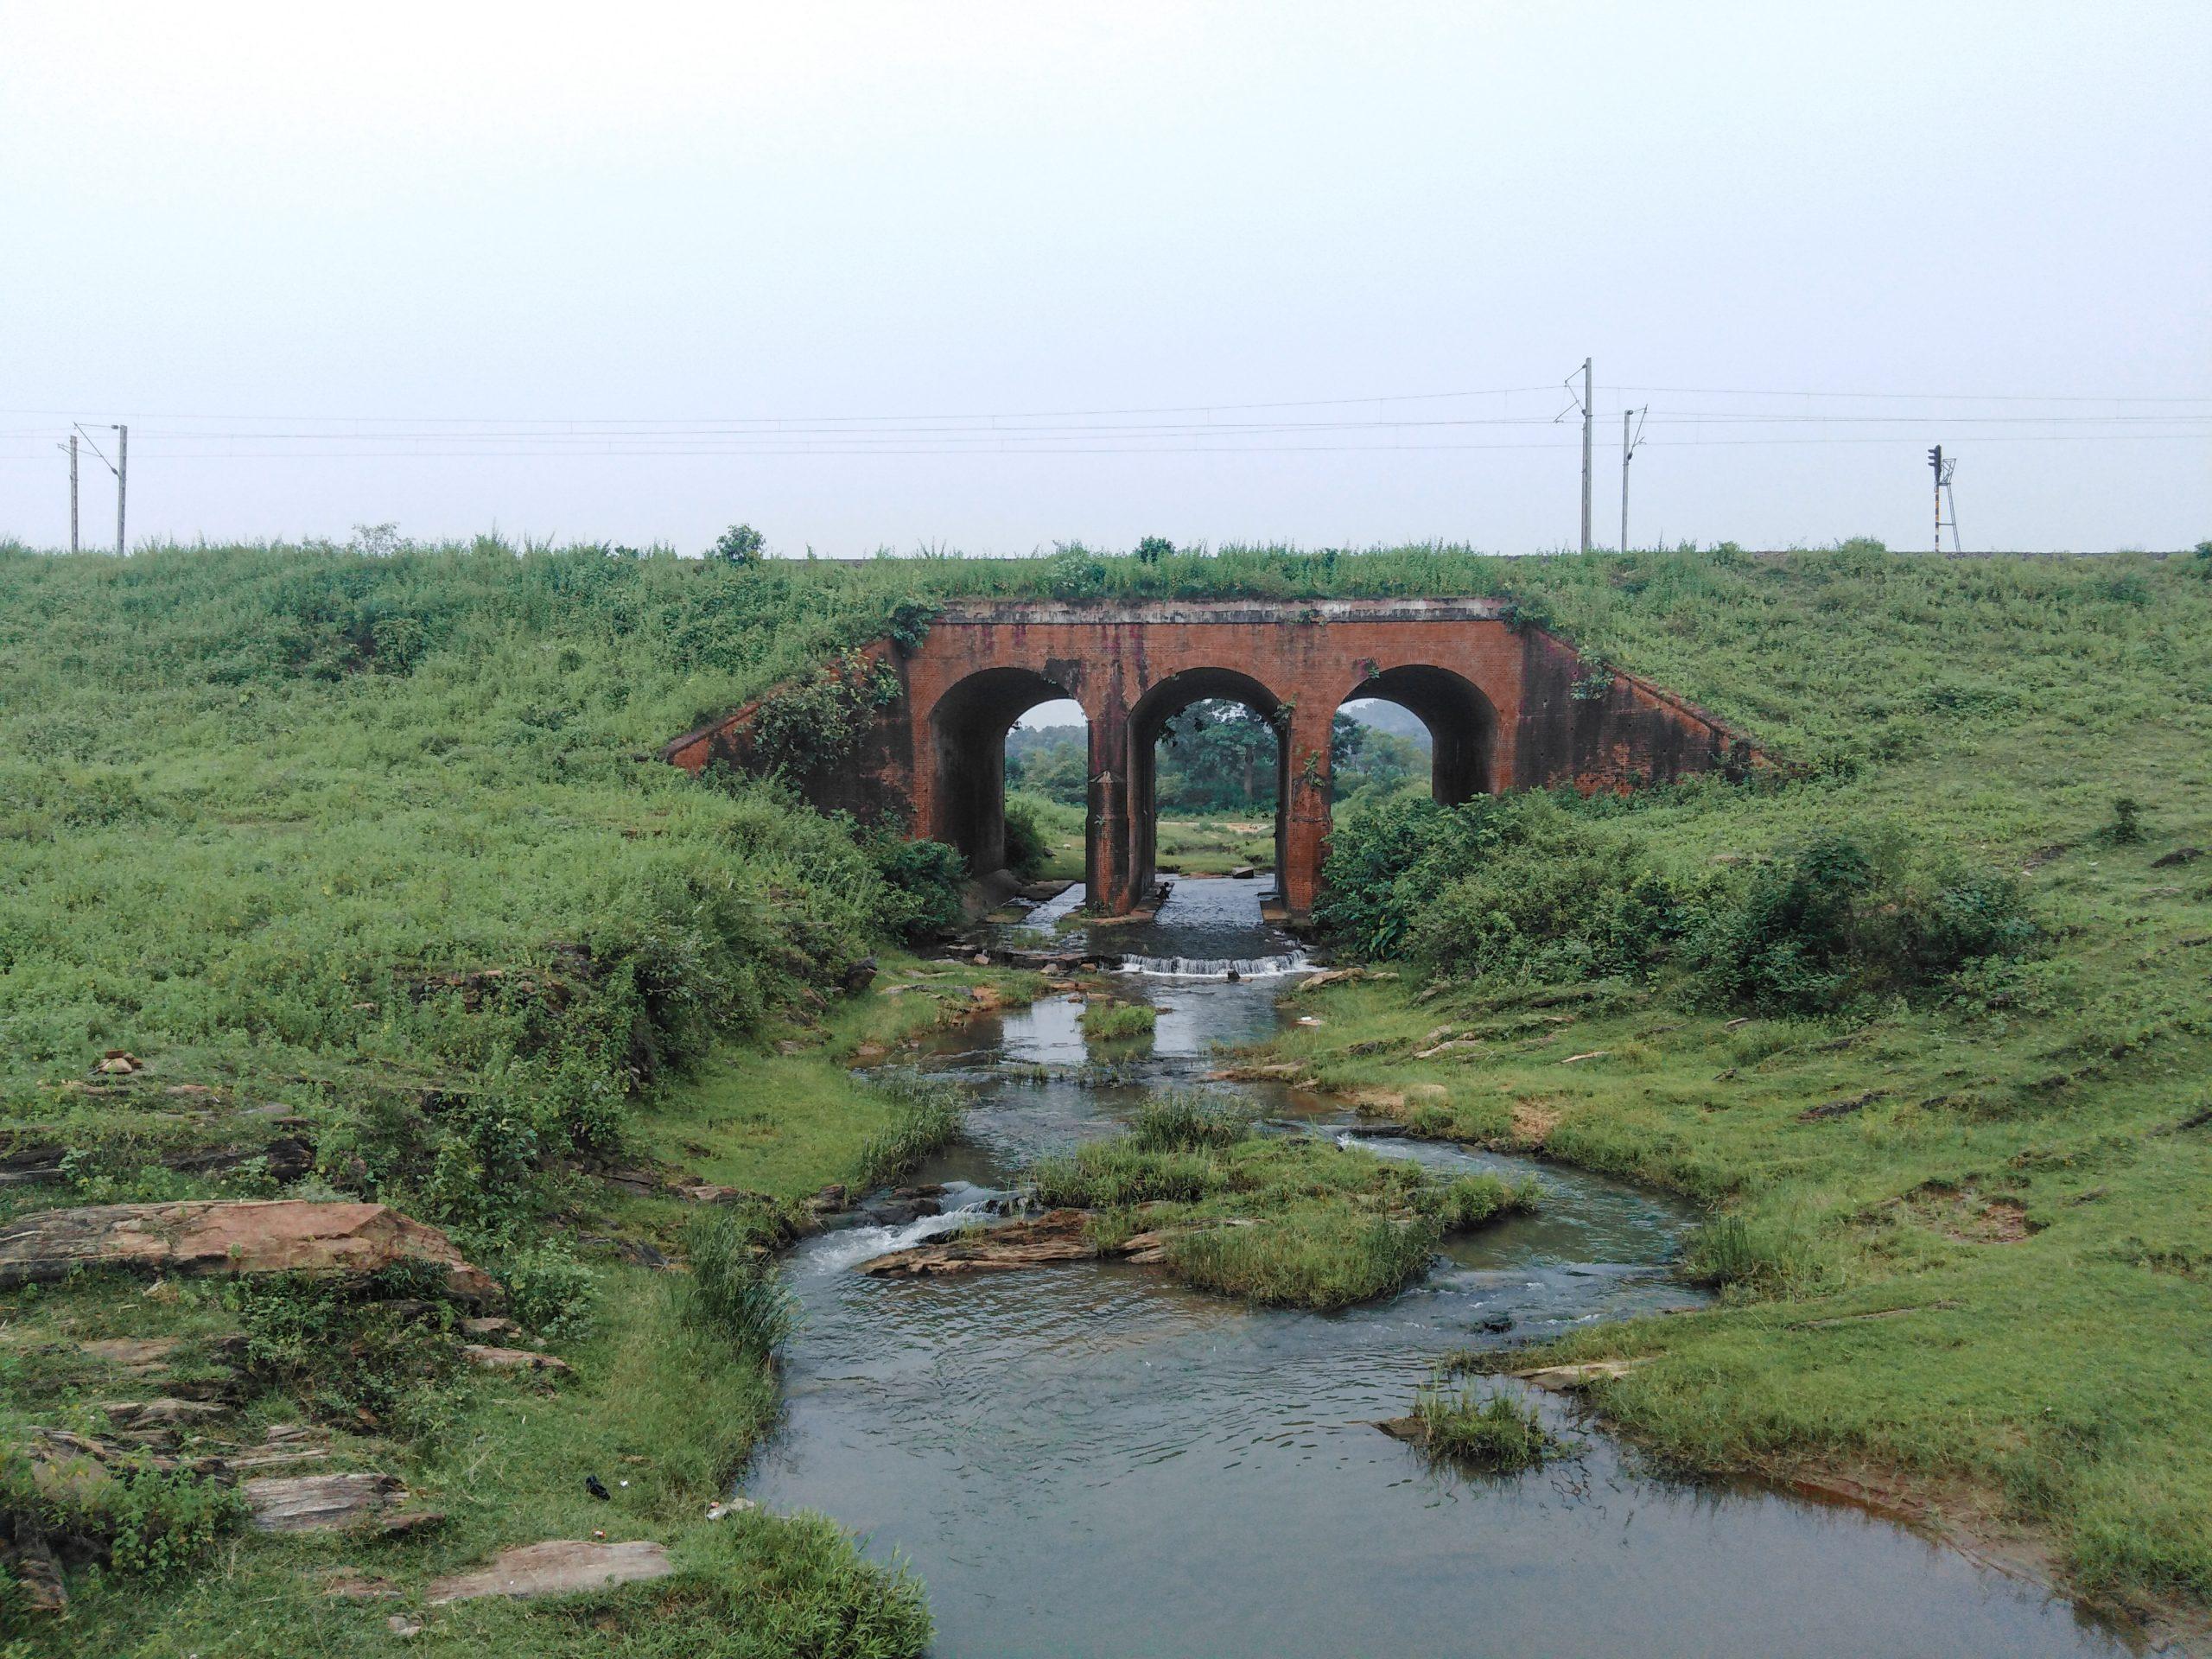 Water flowing under an arch bridge